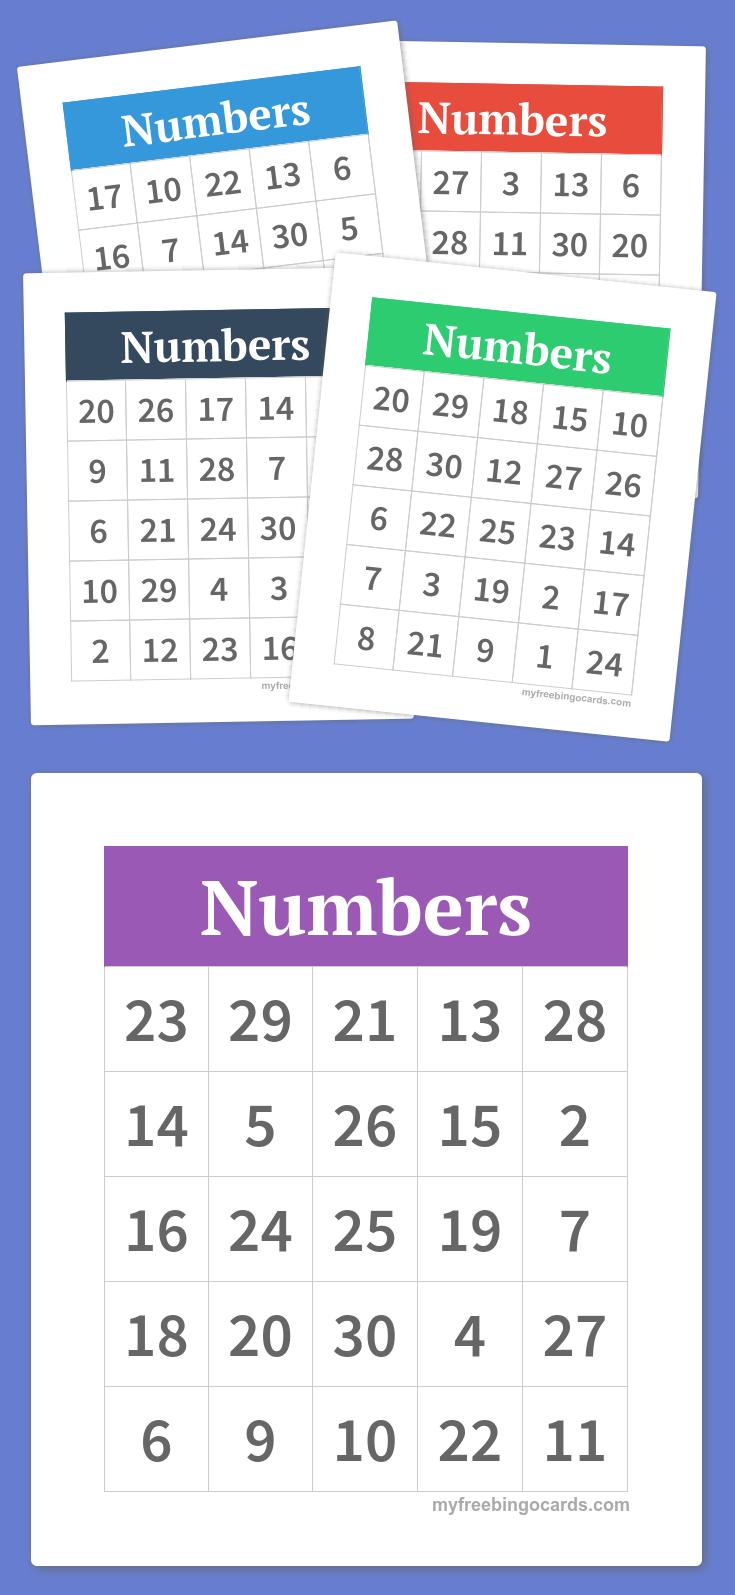 Numbers Bingo   Preschool   Bingo, Bingo Cards, Free Bingo Cards - Free Printable Bingo Cards With Numbers